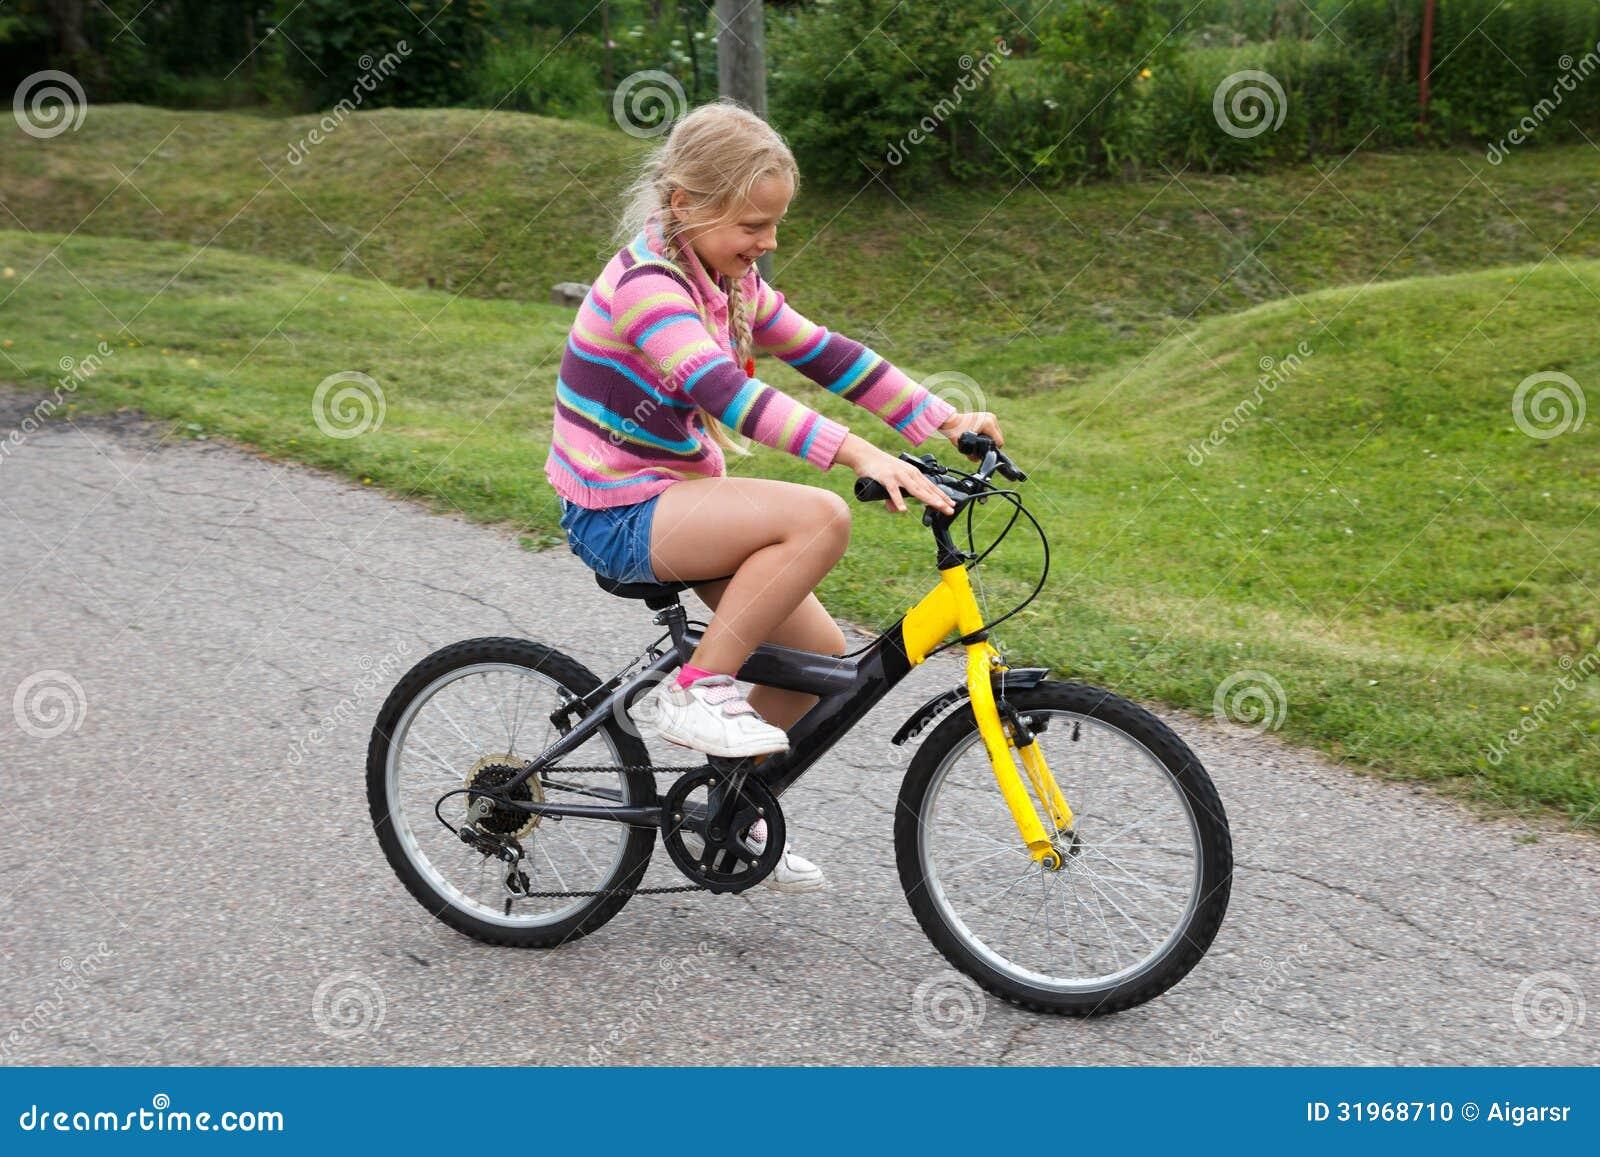 kleines m dchen das lernt fahrrad zu fahren stockfoto. Black Bedroom Furniture Sets. Home Design Ideas